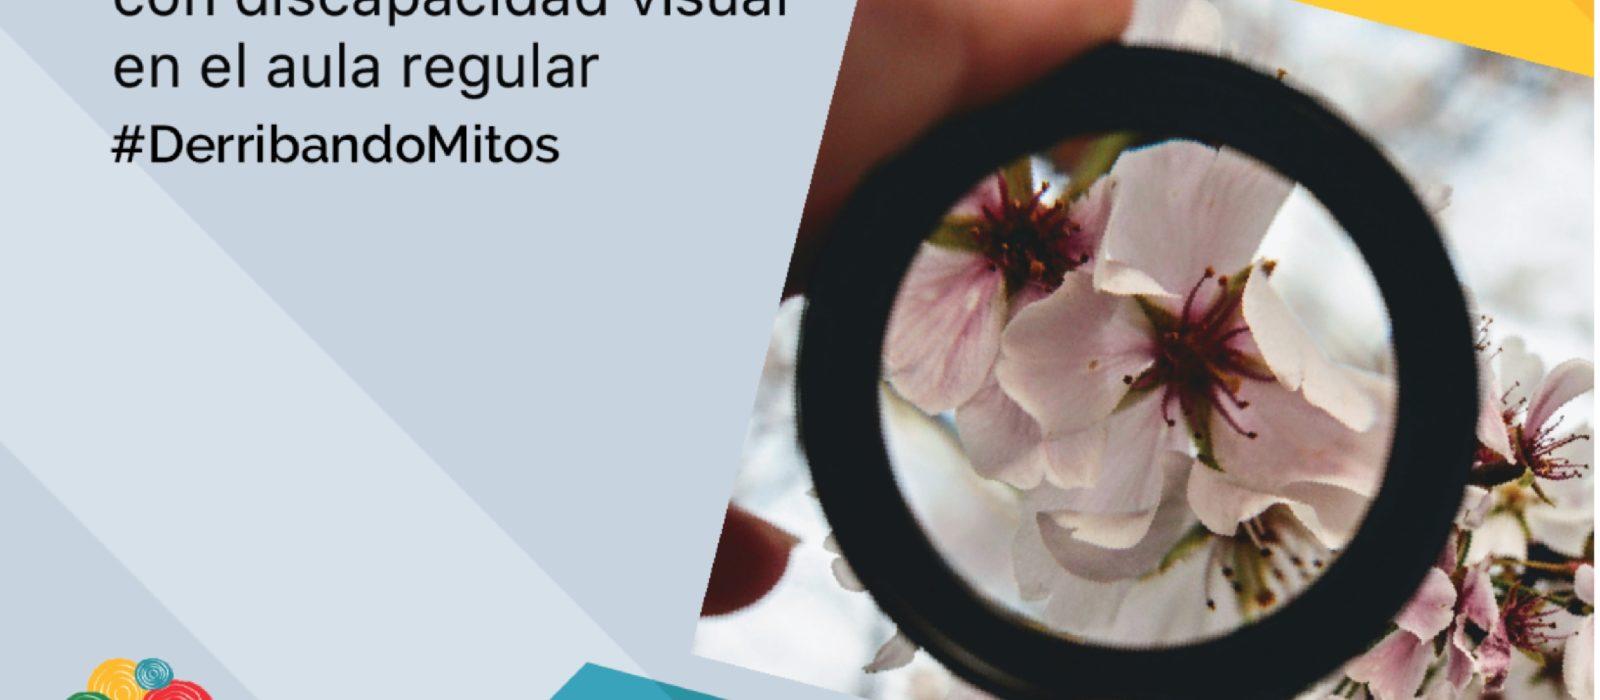 Fundación Mis Talentos lanza concurso que promueve la educación inclusiva